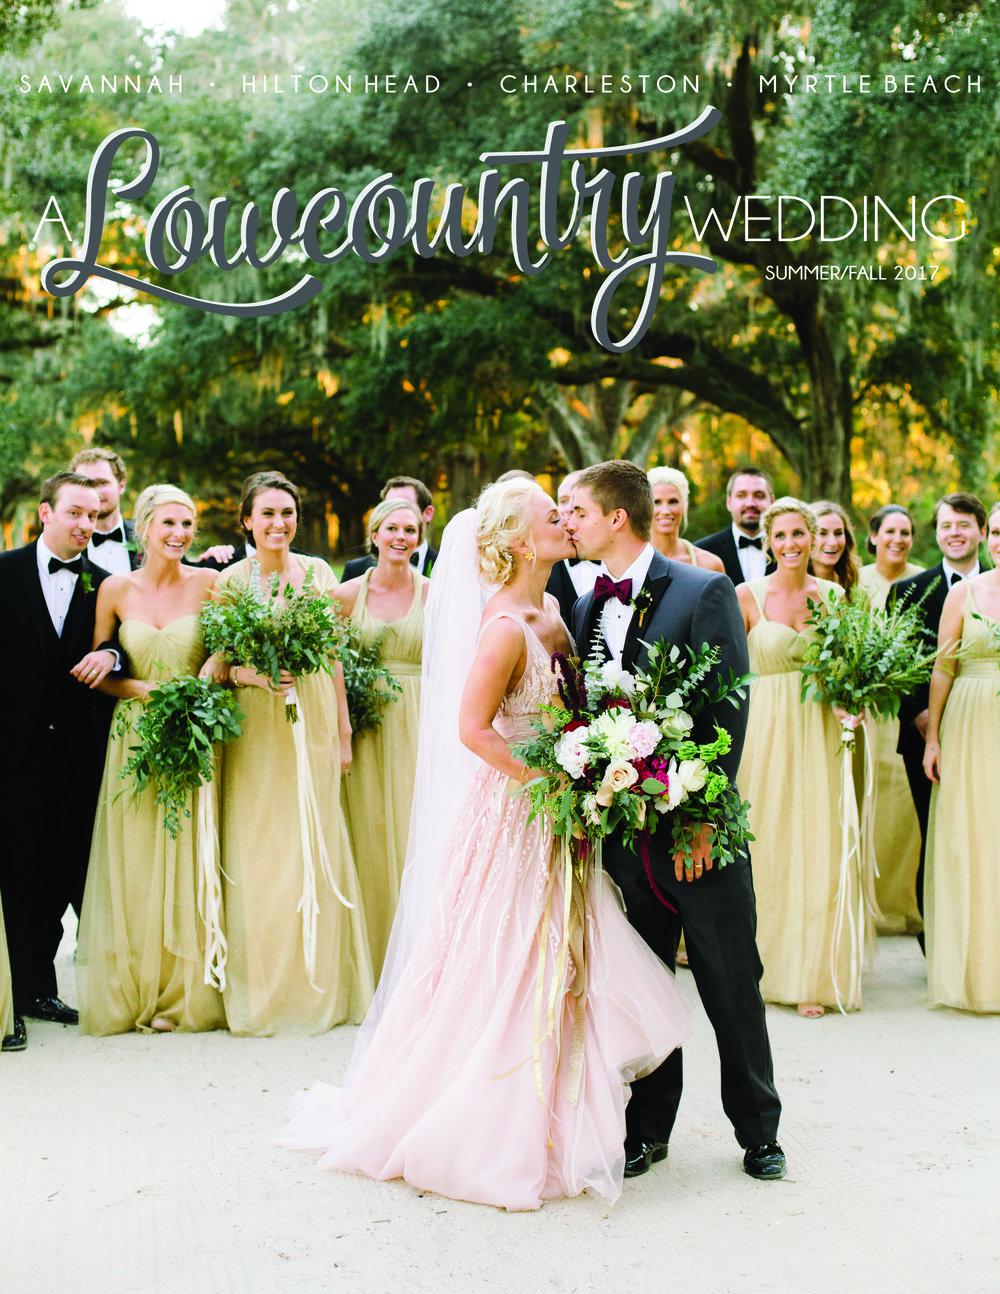 A Lowcountry Wedding Magazine - Summer/Fall 2017